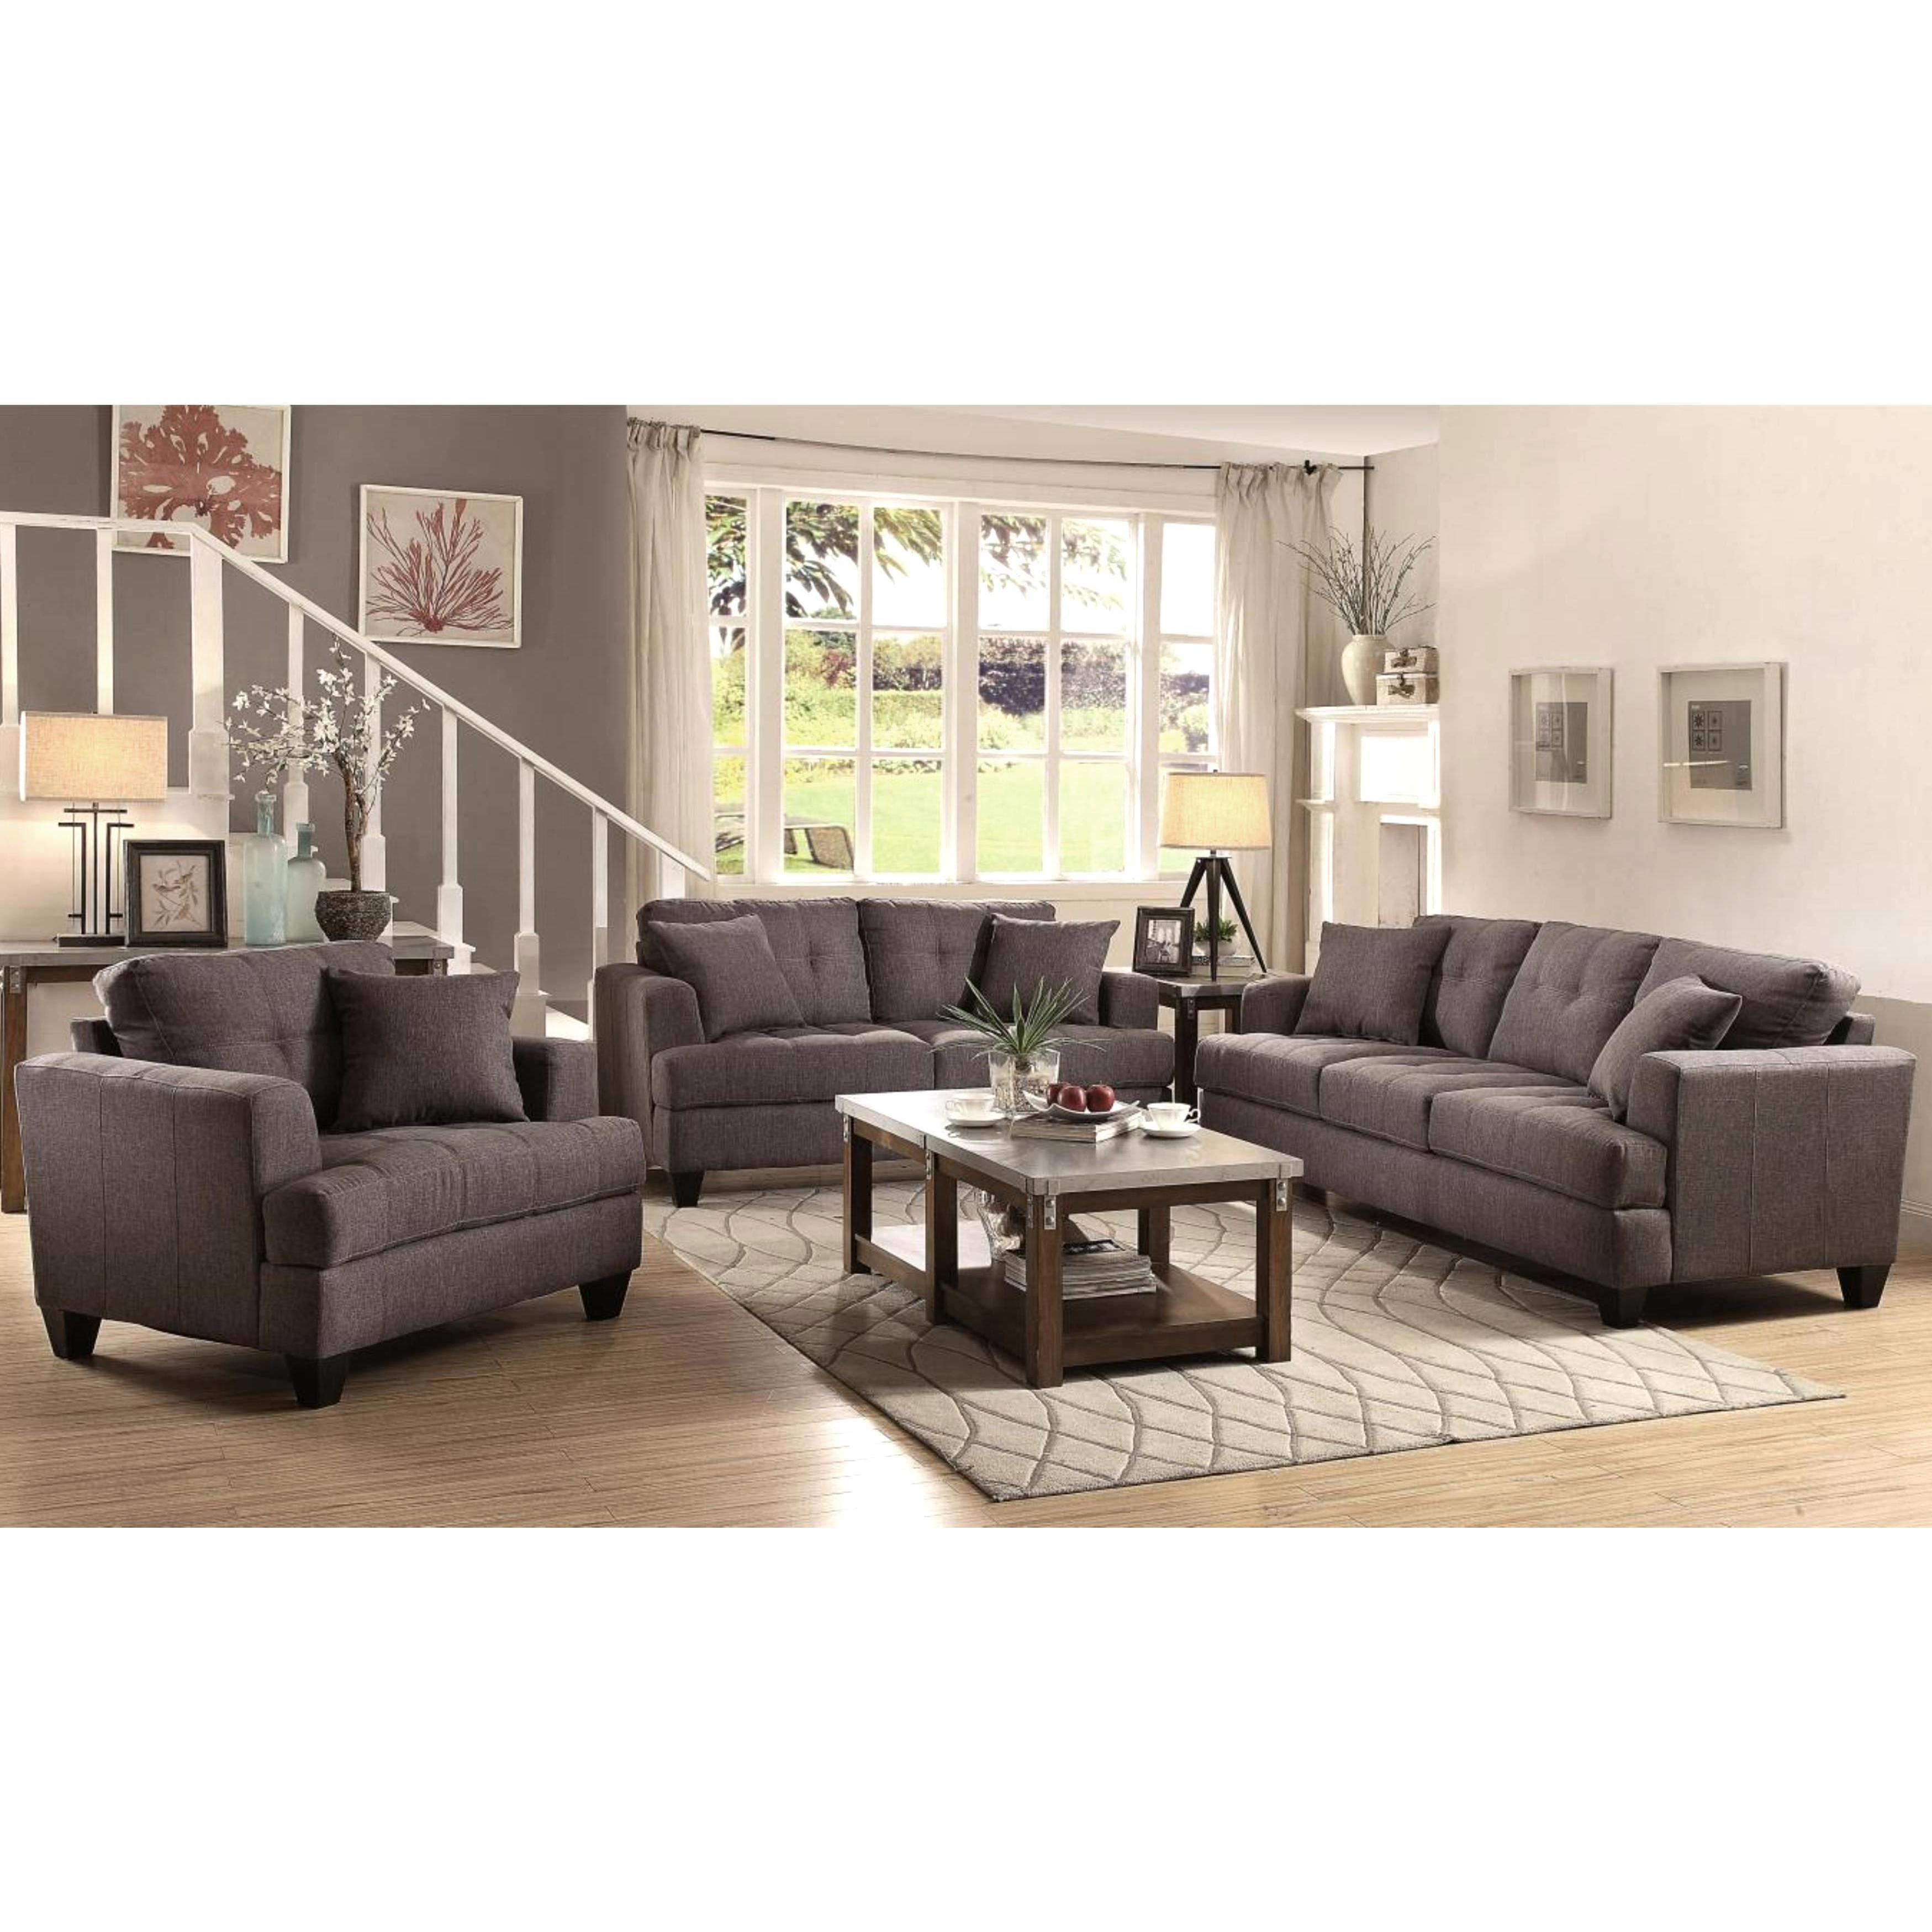 frankfurt modern tufted design living room sofa collection | hot